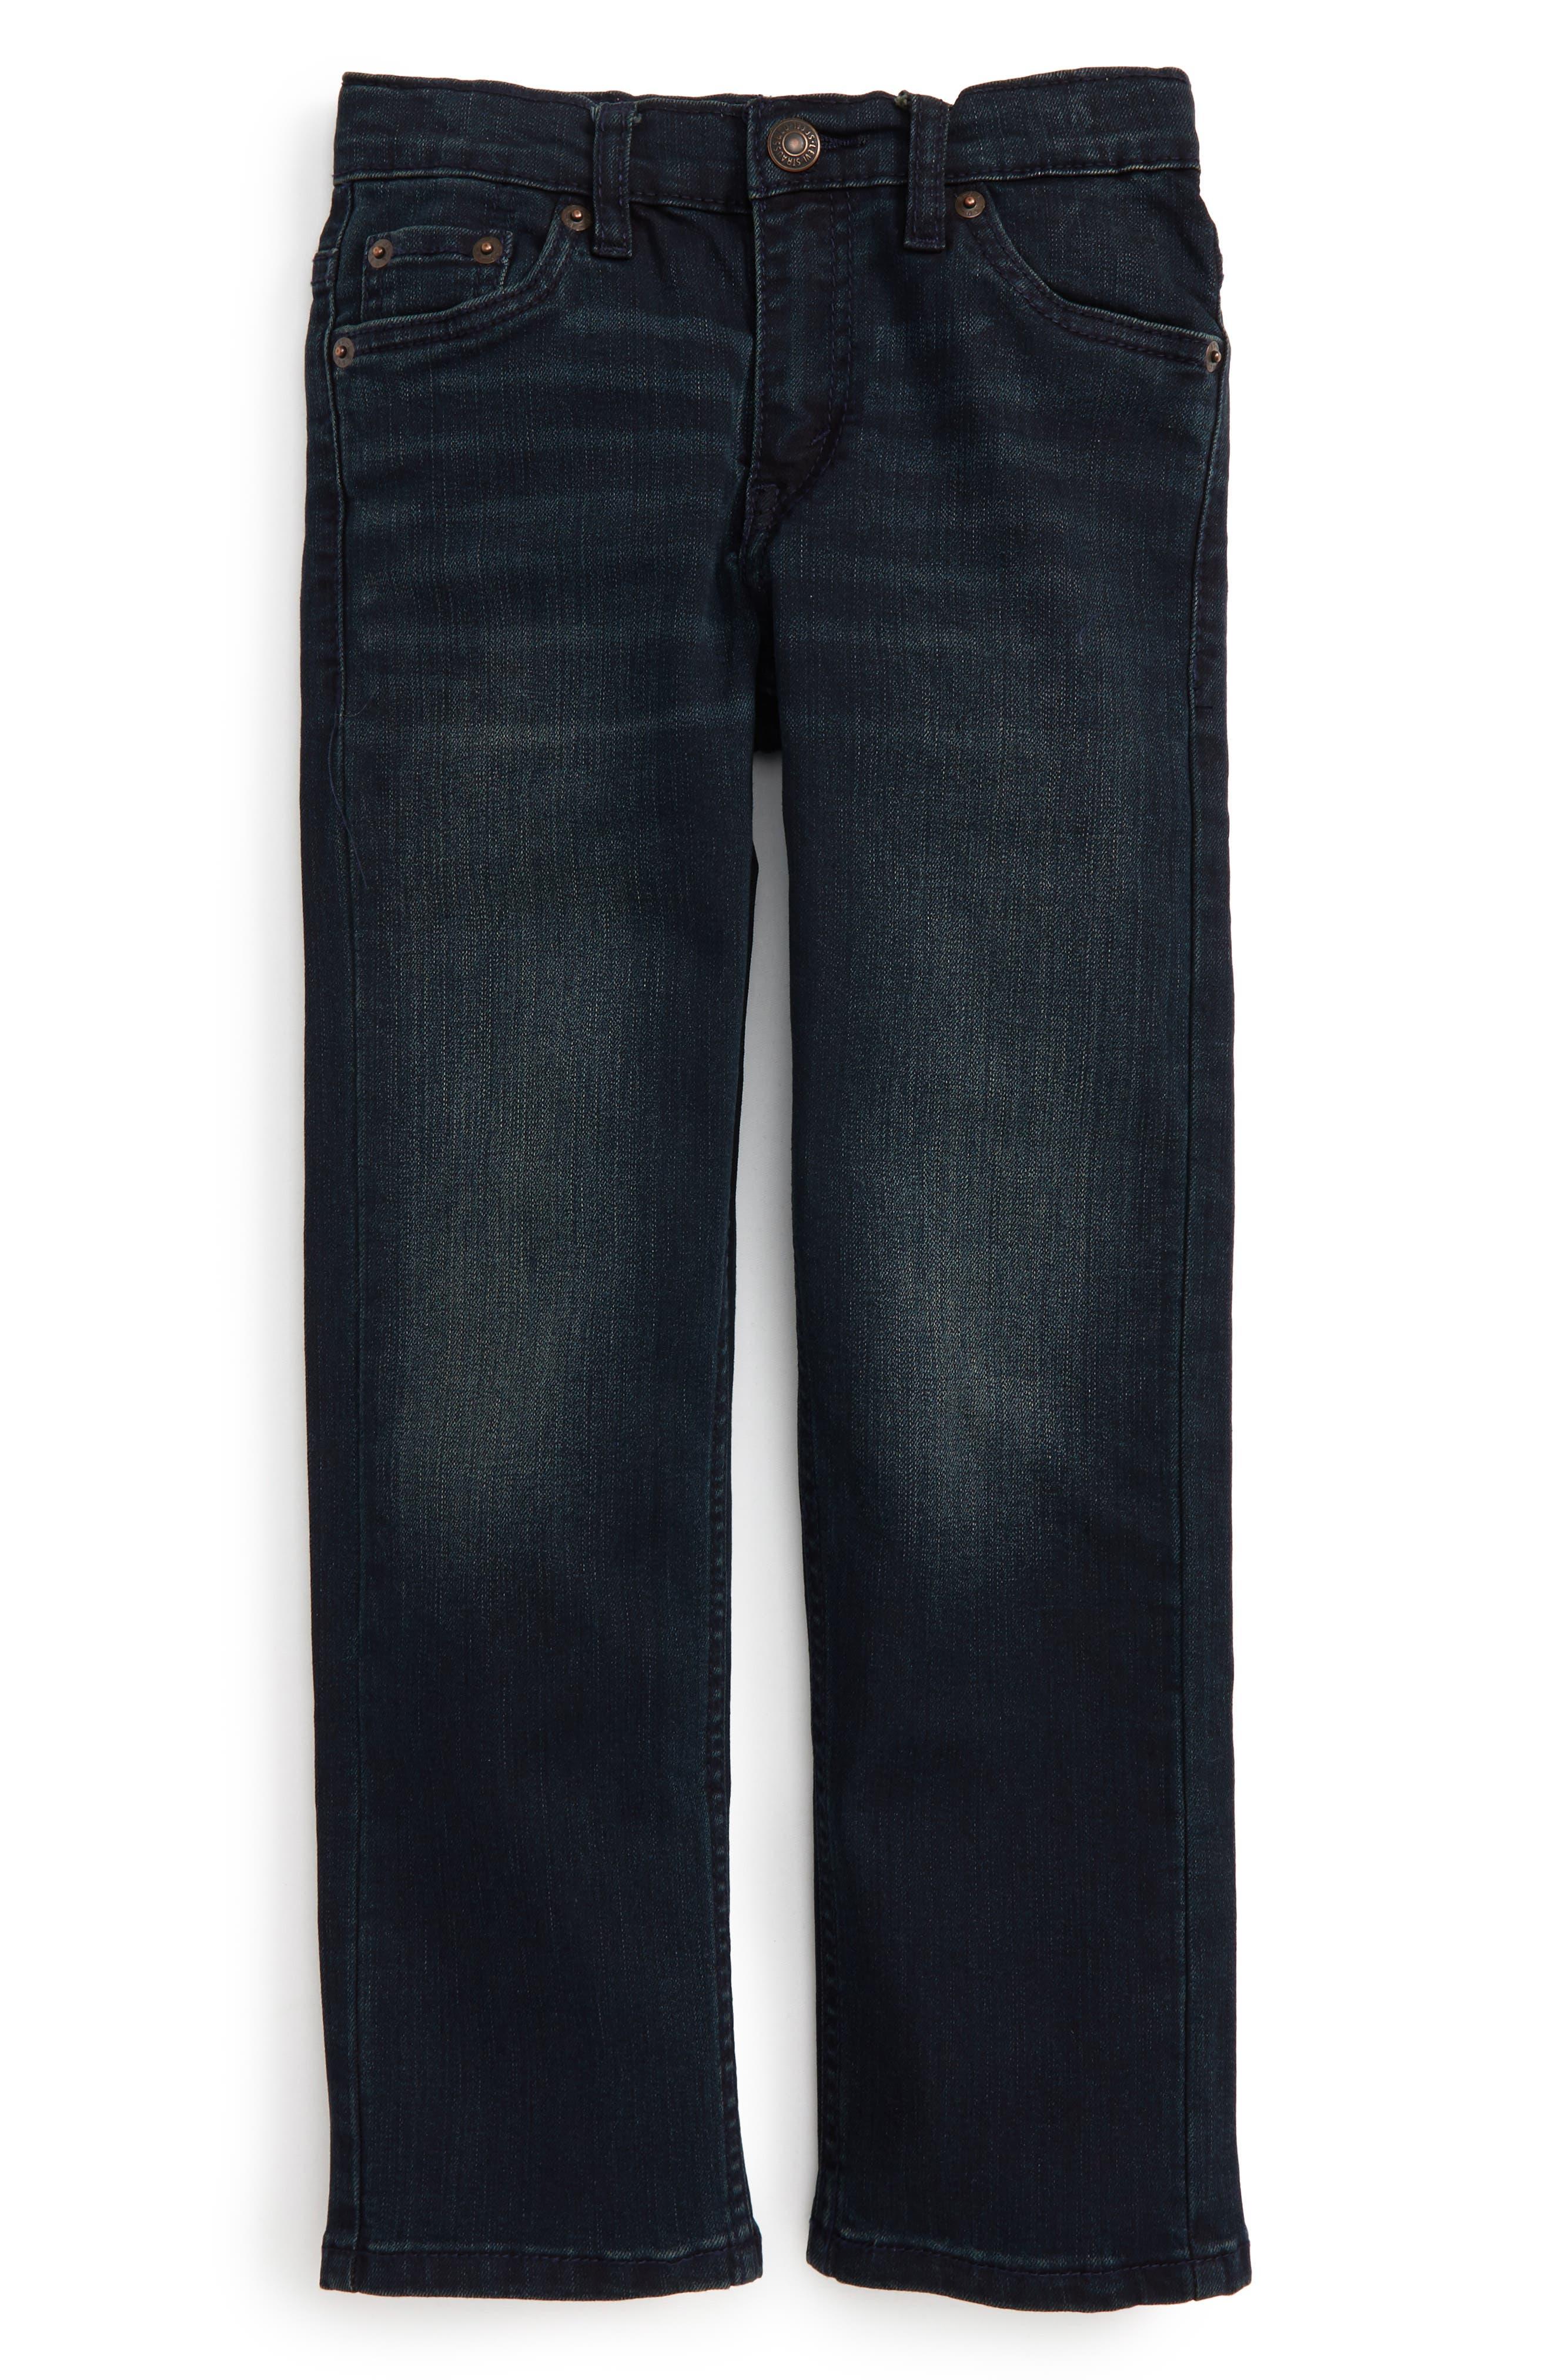 511 Slim Fit Jeans,                             Main thumbnail 1, color,                             A Blue